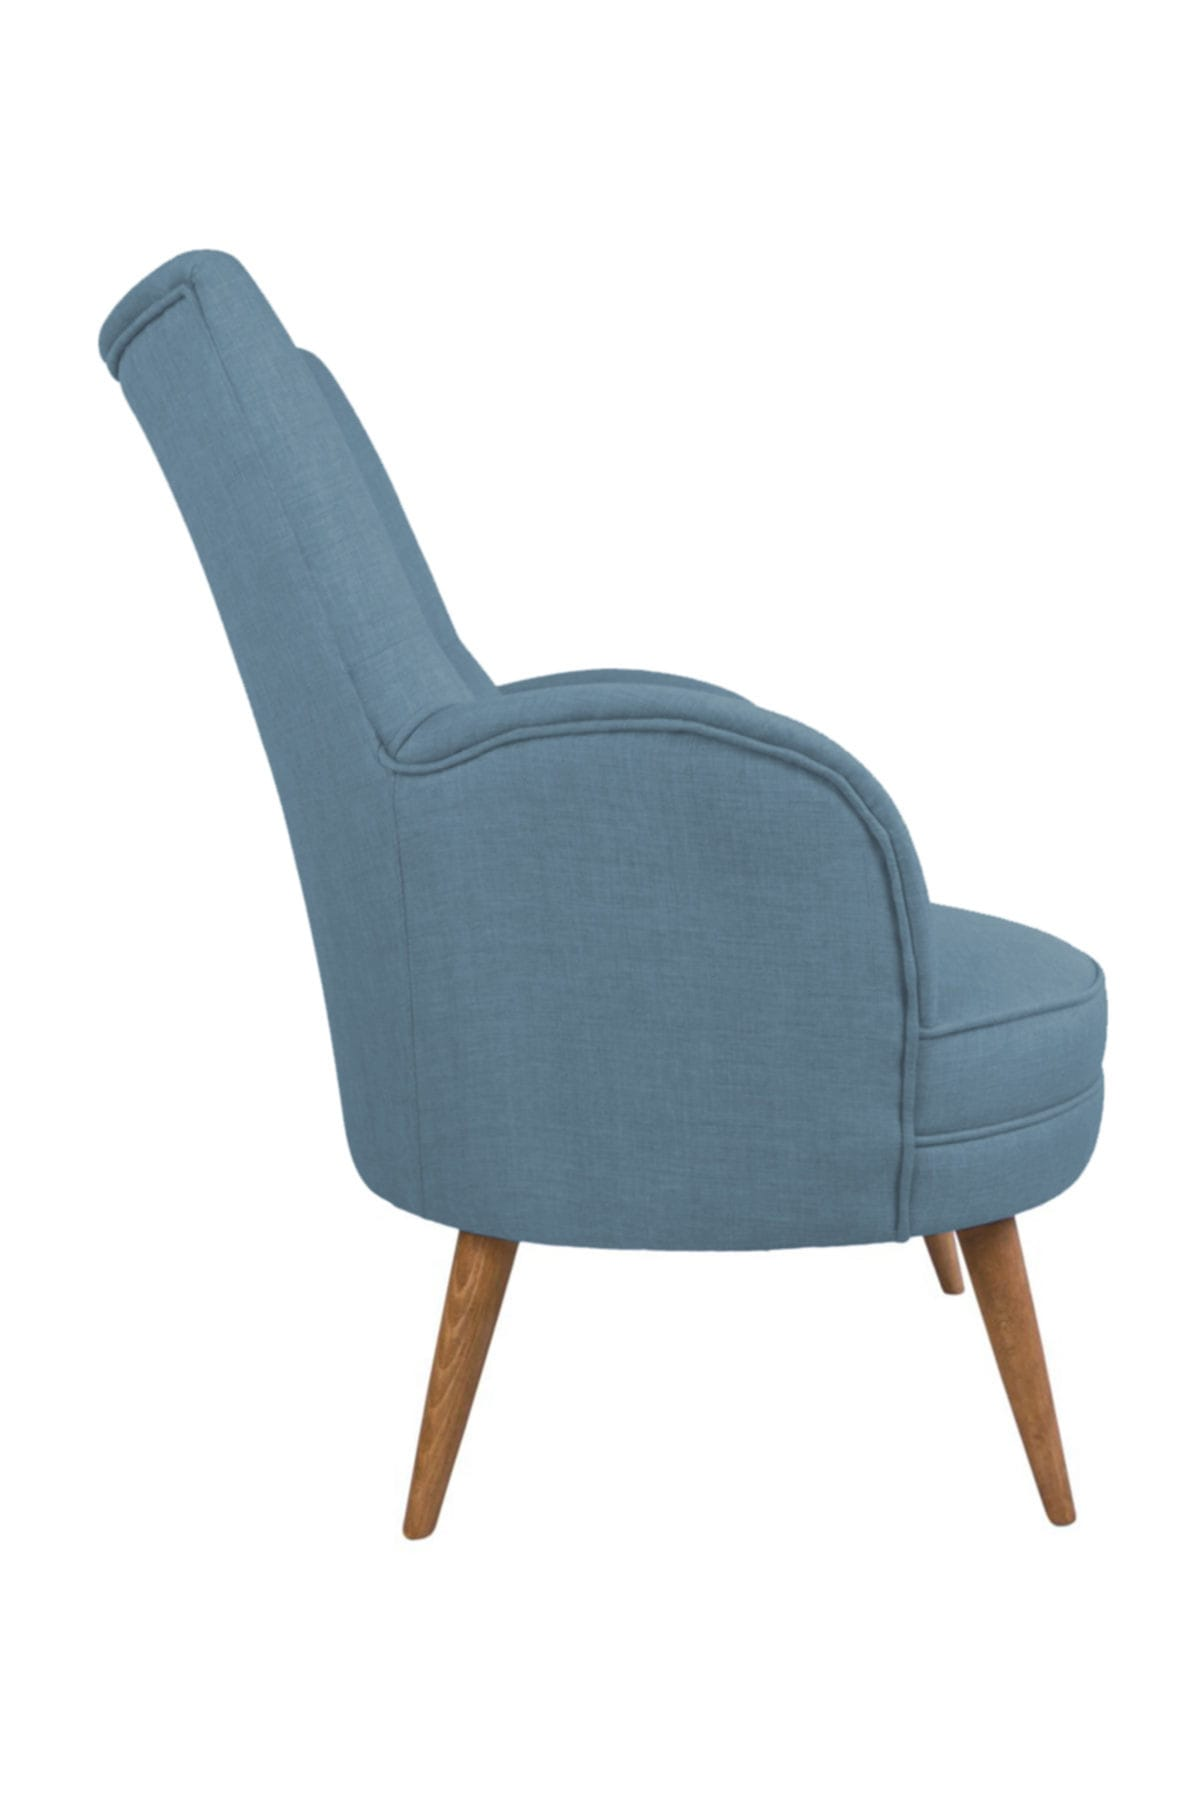 Ze10 Design Victoria Tekli Koltuk Gece Mavisi 2